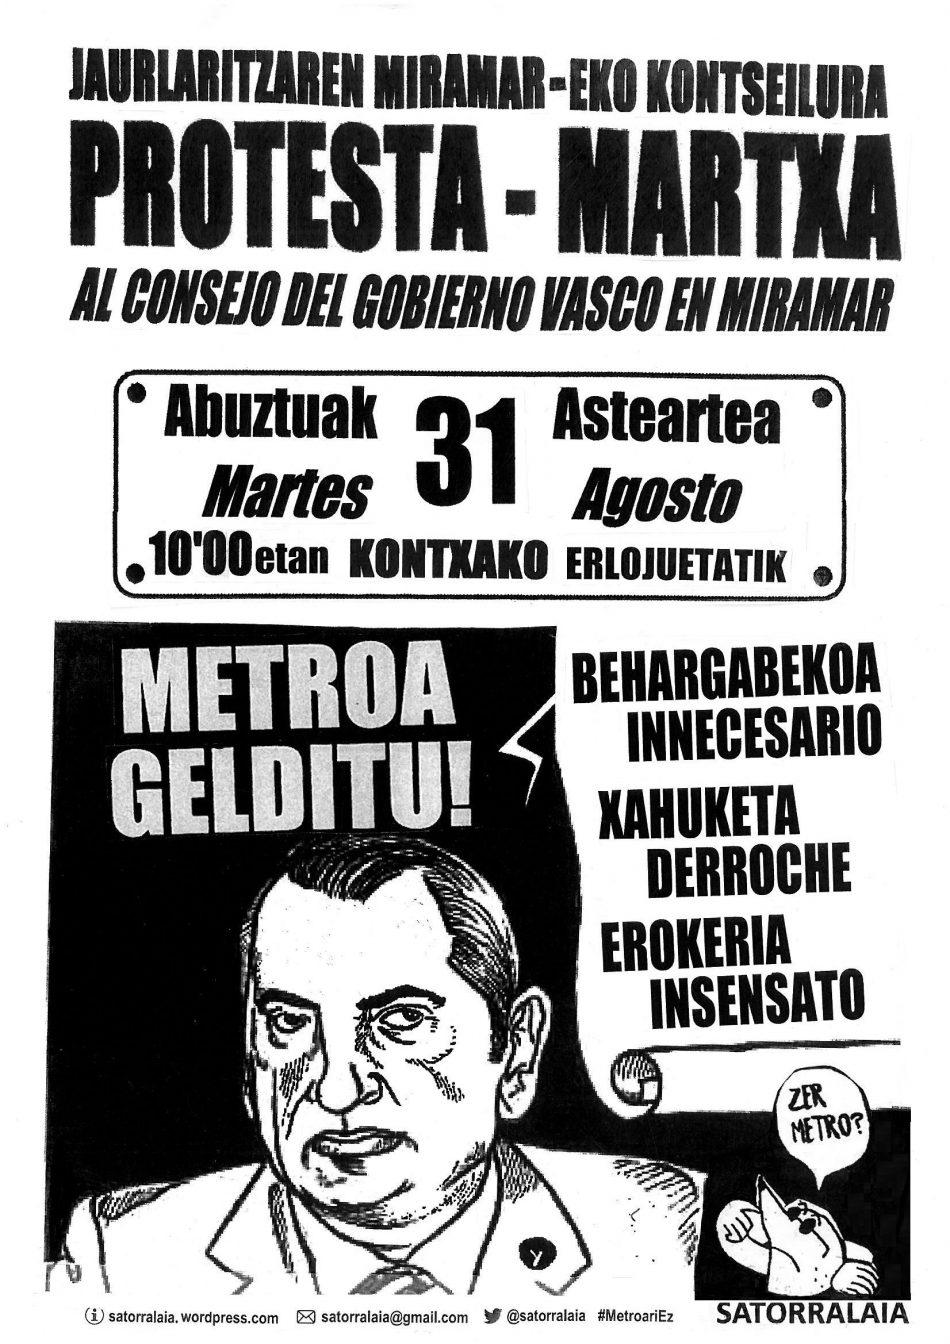 Satorralaia convoca mañanauna marcha contra el Metro al Consejo del Gobierno vasco en Miramar